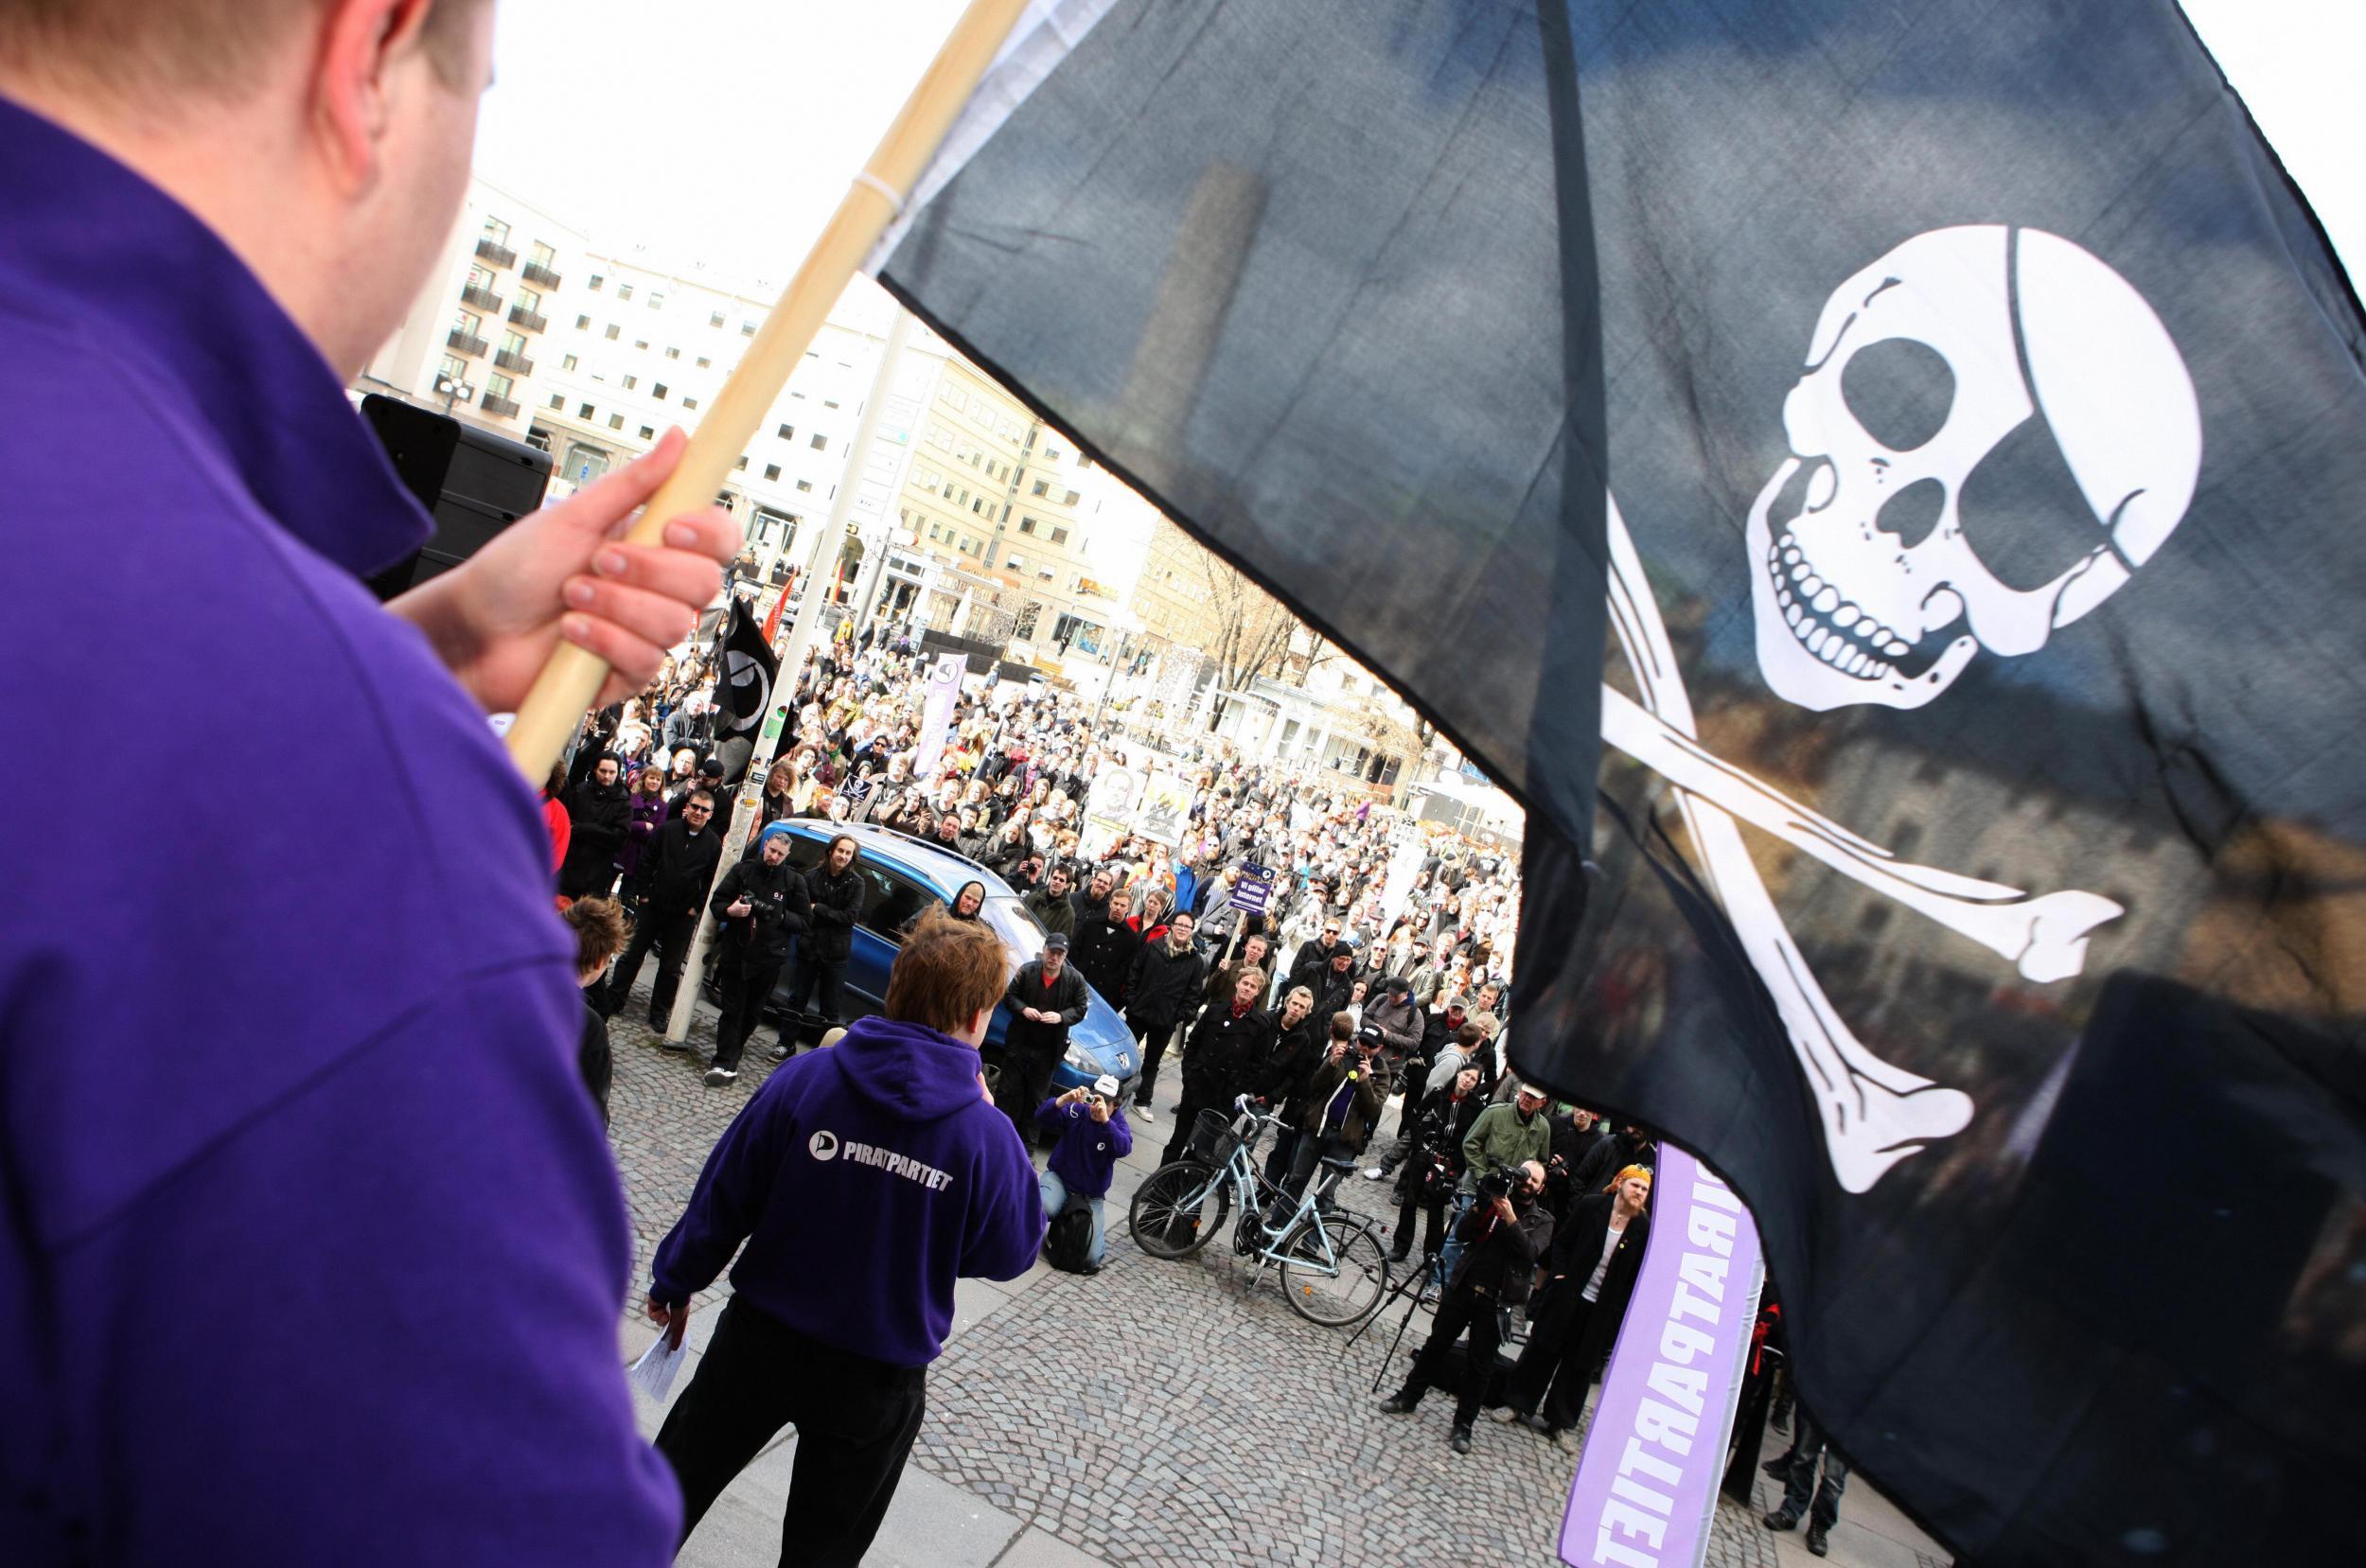 Ты пират и я пират: 70% молодых шведов-мужчин качают нелицензионный видеоконтент - 1